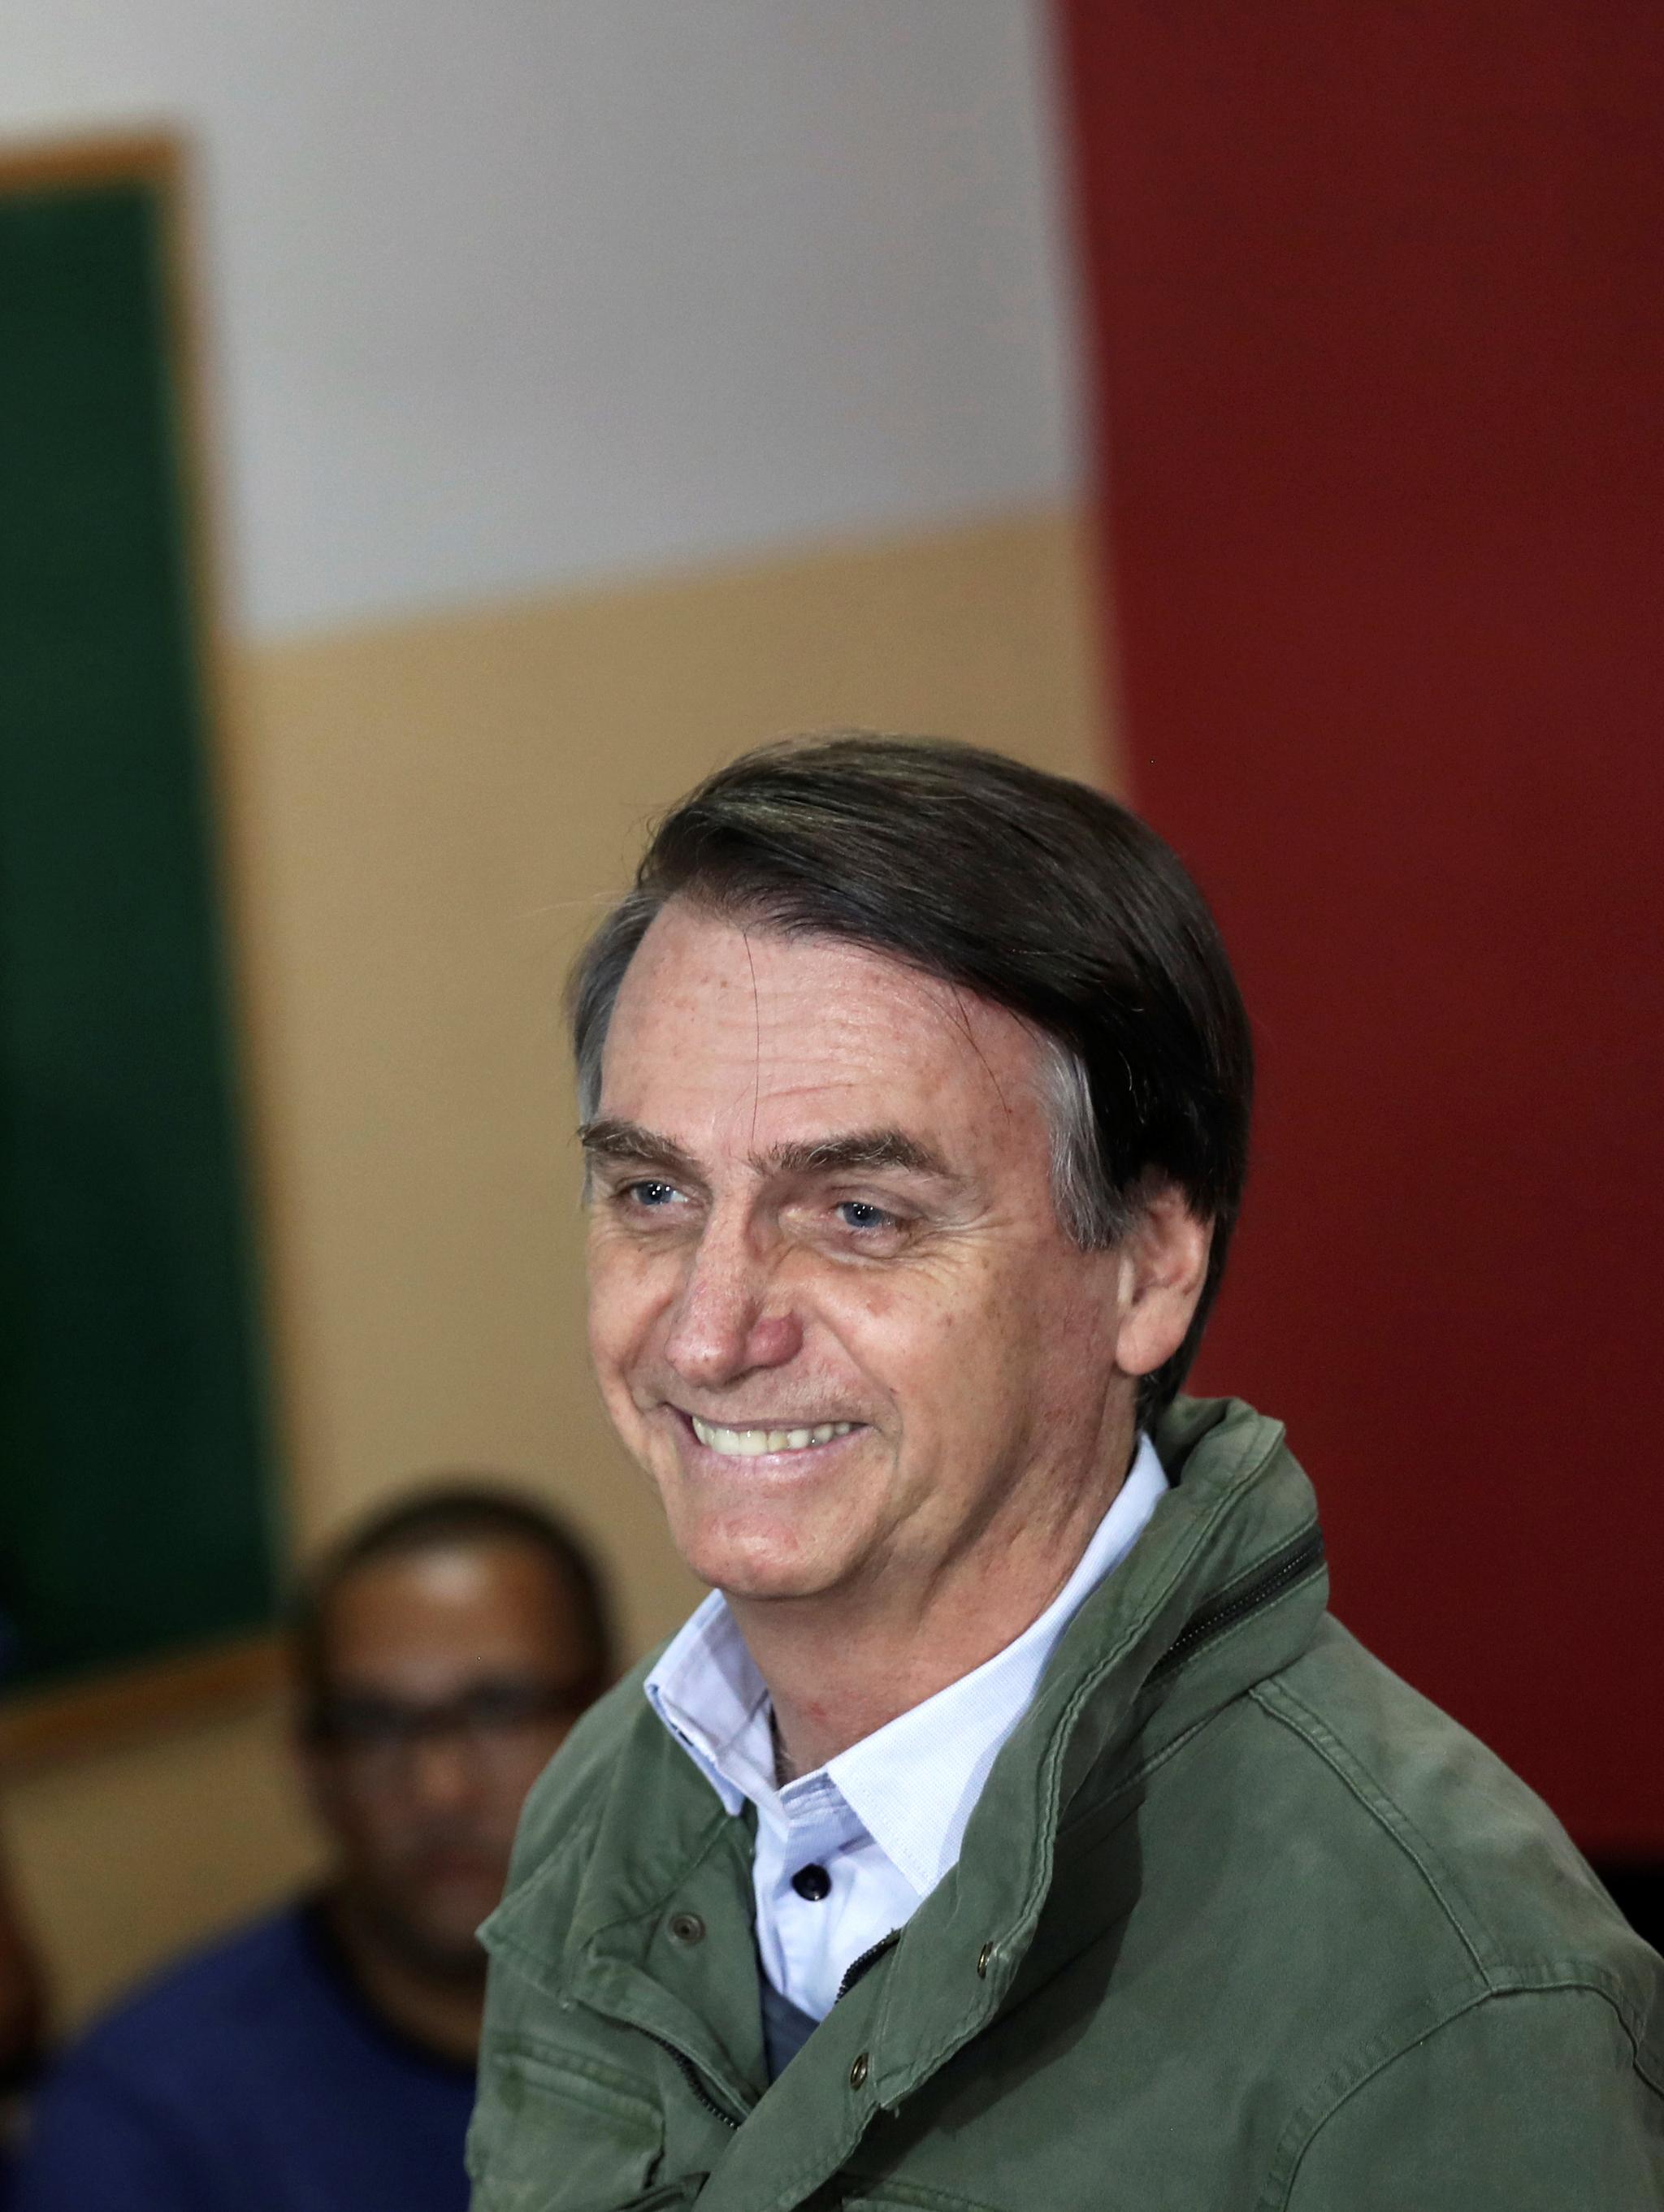 28일(현지시간) 브라질 대선 결선투표에서 승리한 극우 자유사회당(PSL)의 자이르 보우소나루 후보. [REUTERS=연합뉴스]